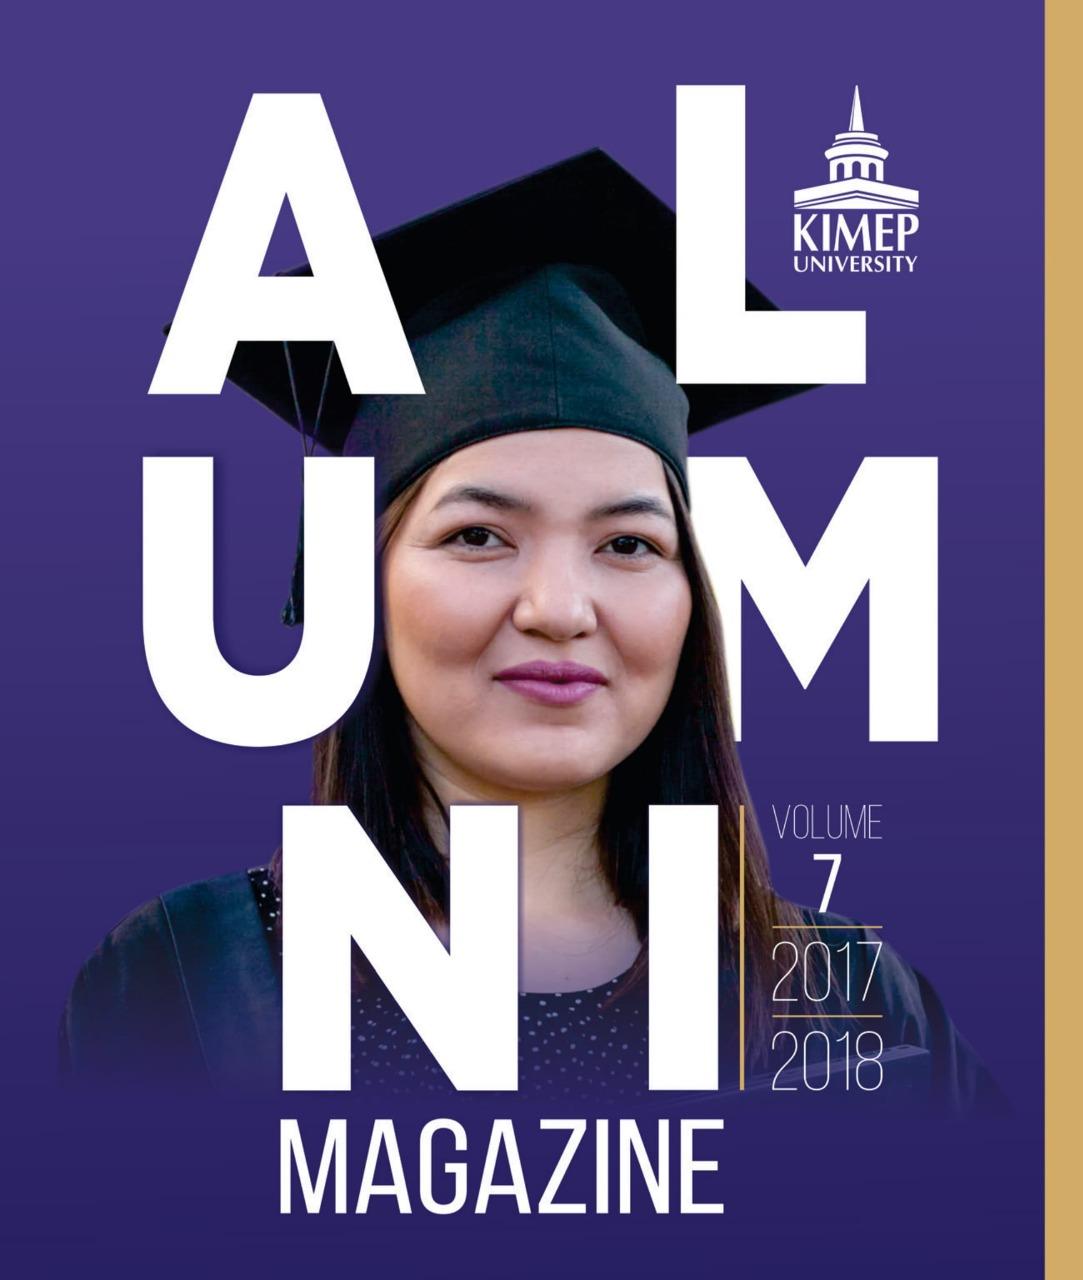 #7 Alumni mag 2017-2018